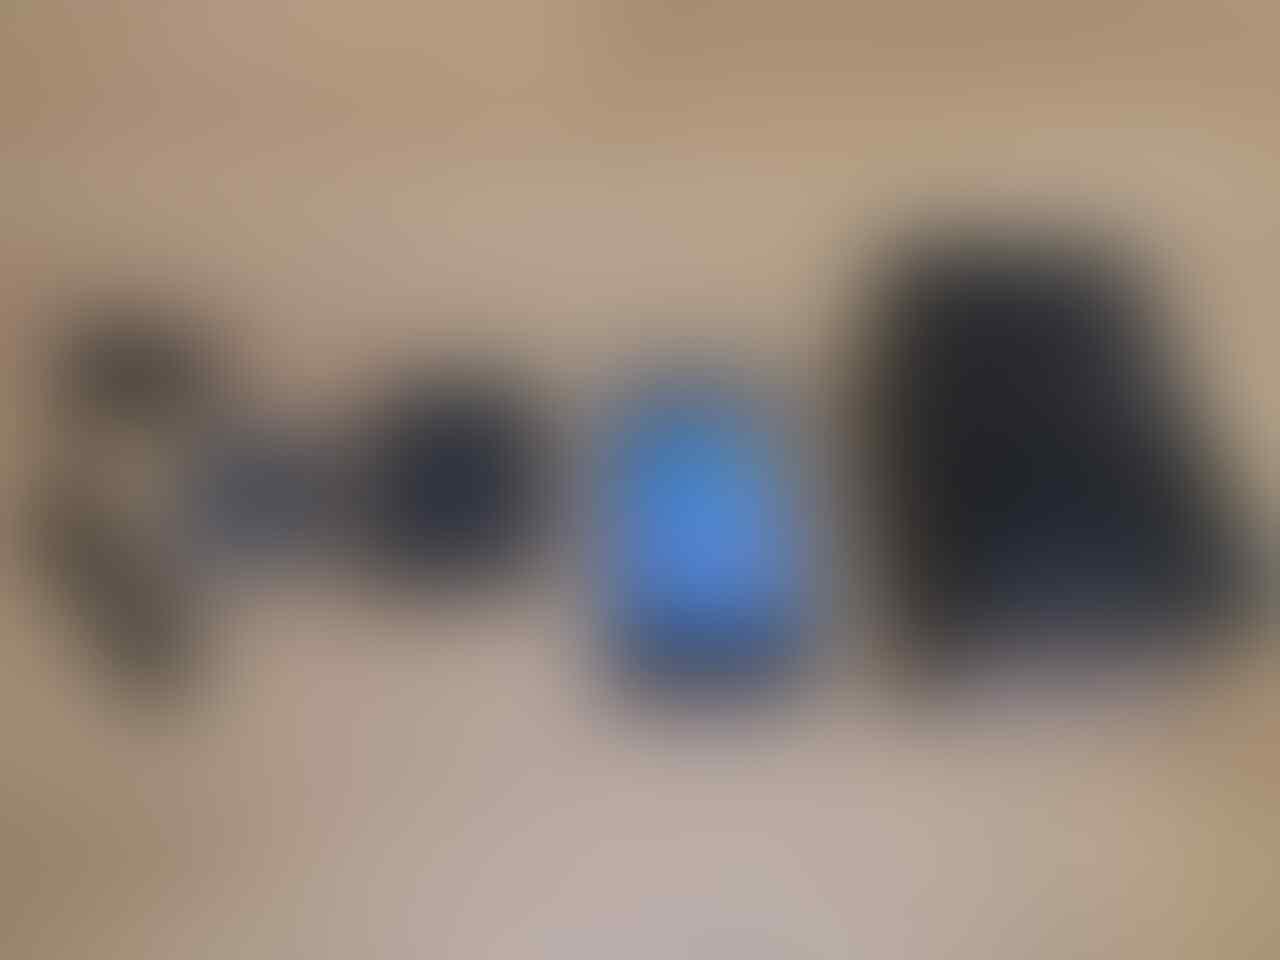 LG OPTIMUS LTE LU6200 HITAM ISTIMEWA (case dan baterai cadangan for sale)